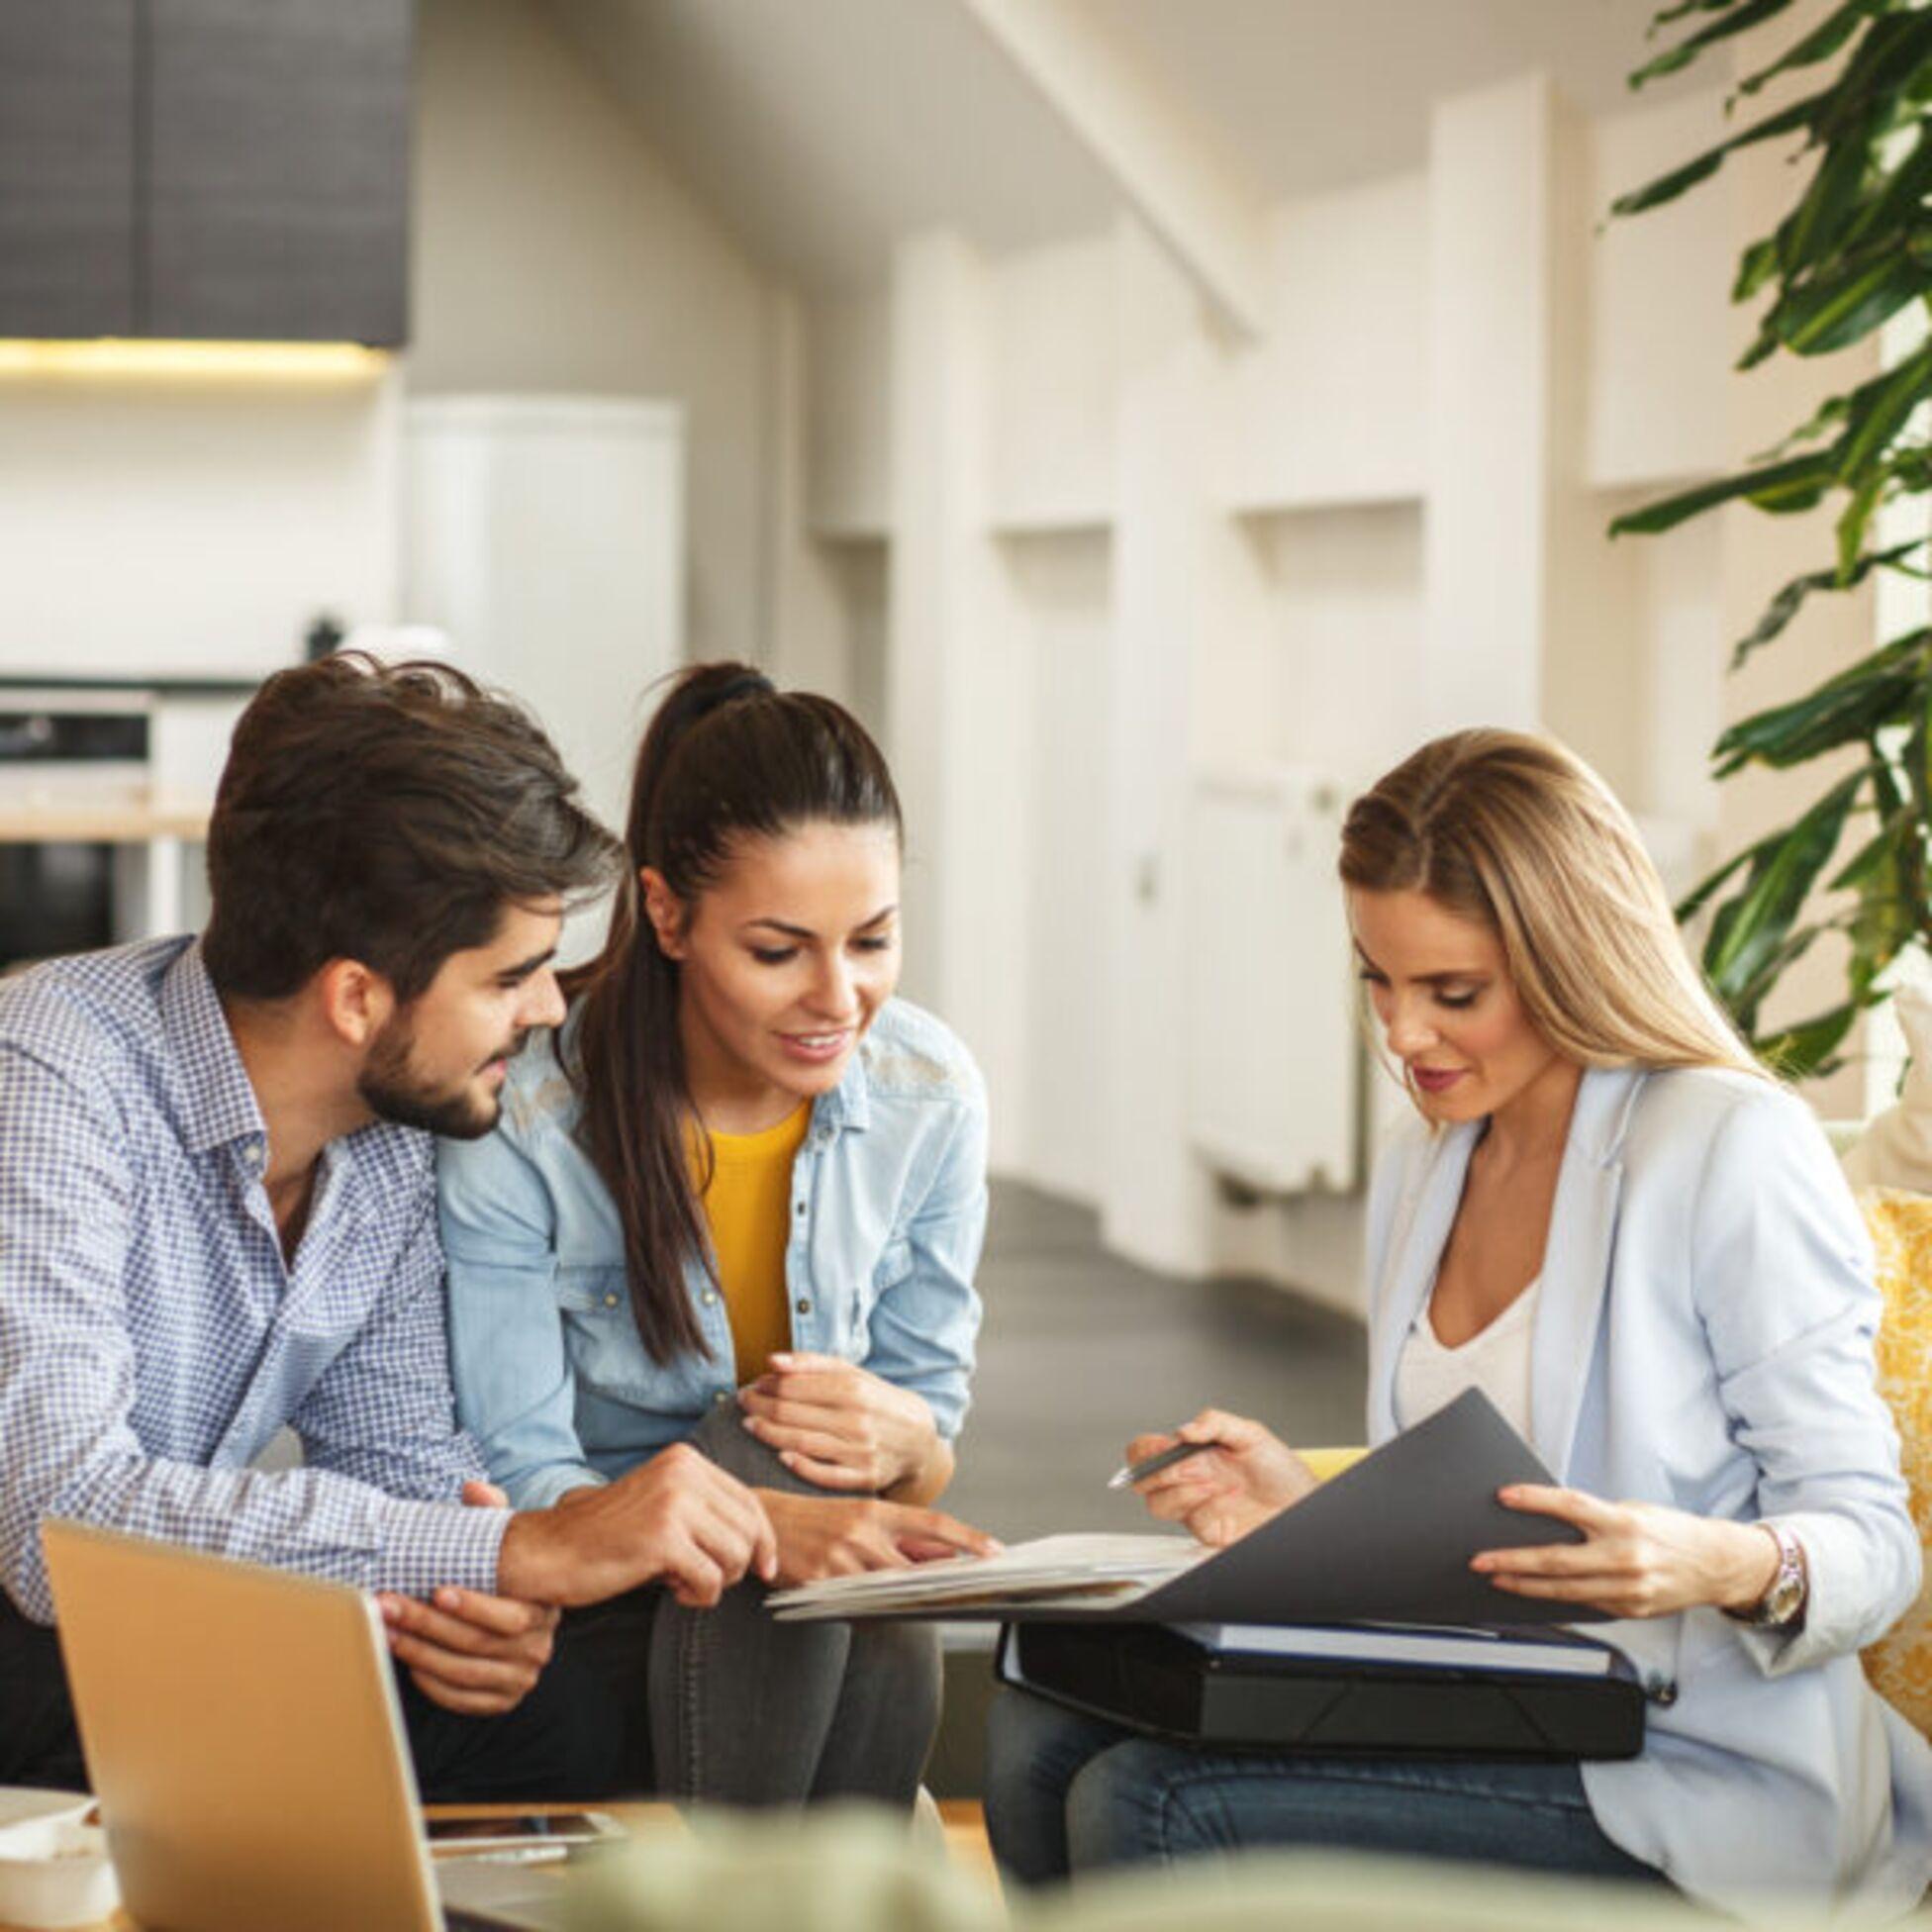 Drei Personen sitzen in einer Wohnung und schauen in einen Aktenordner